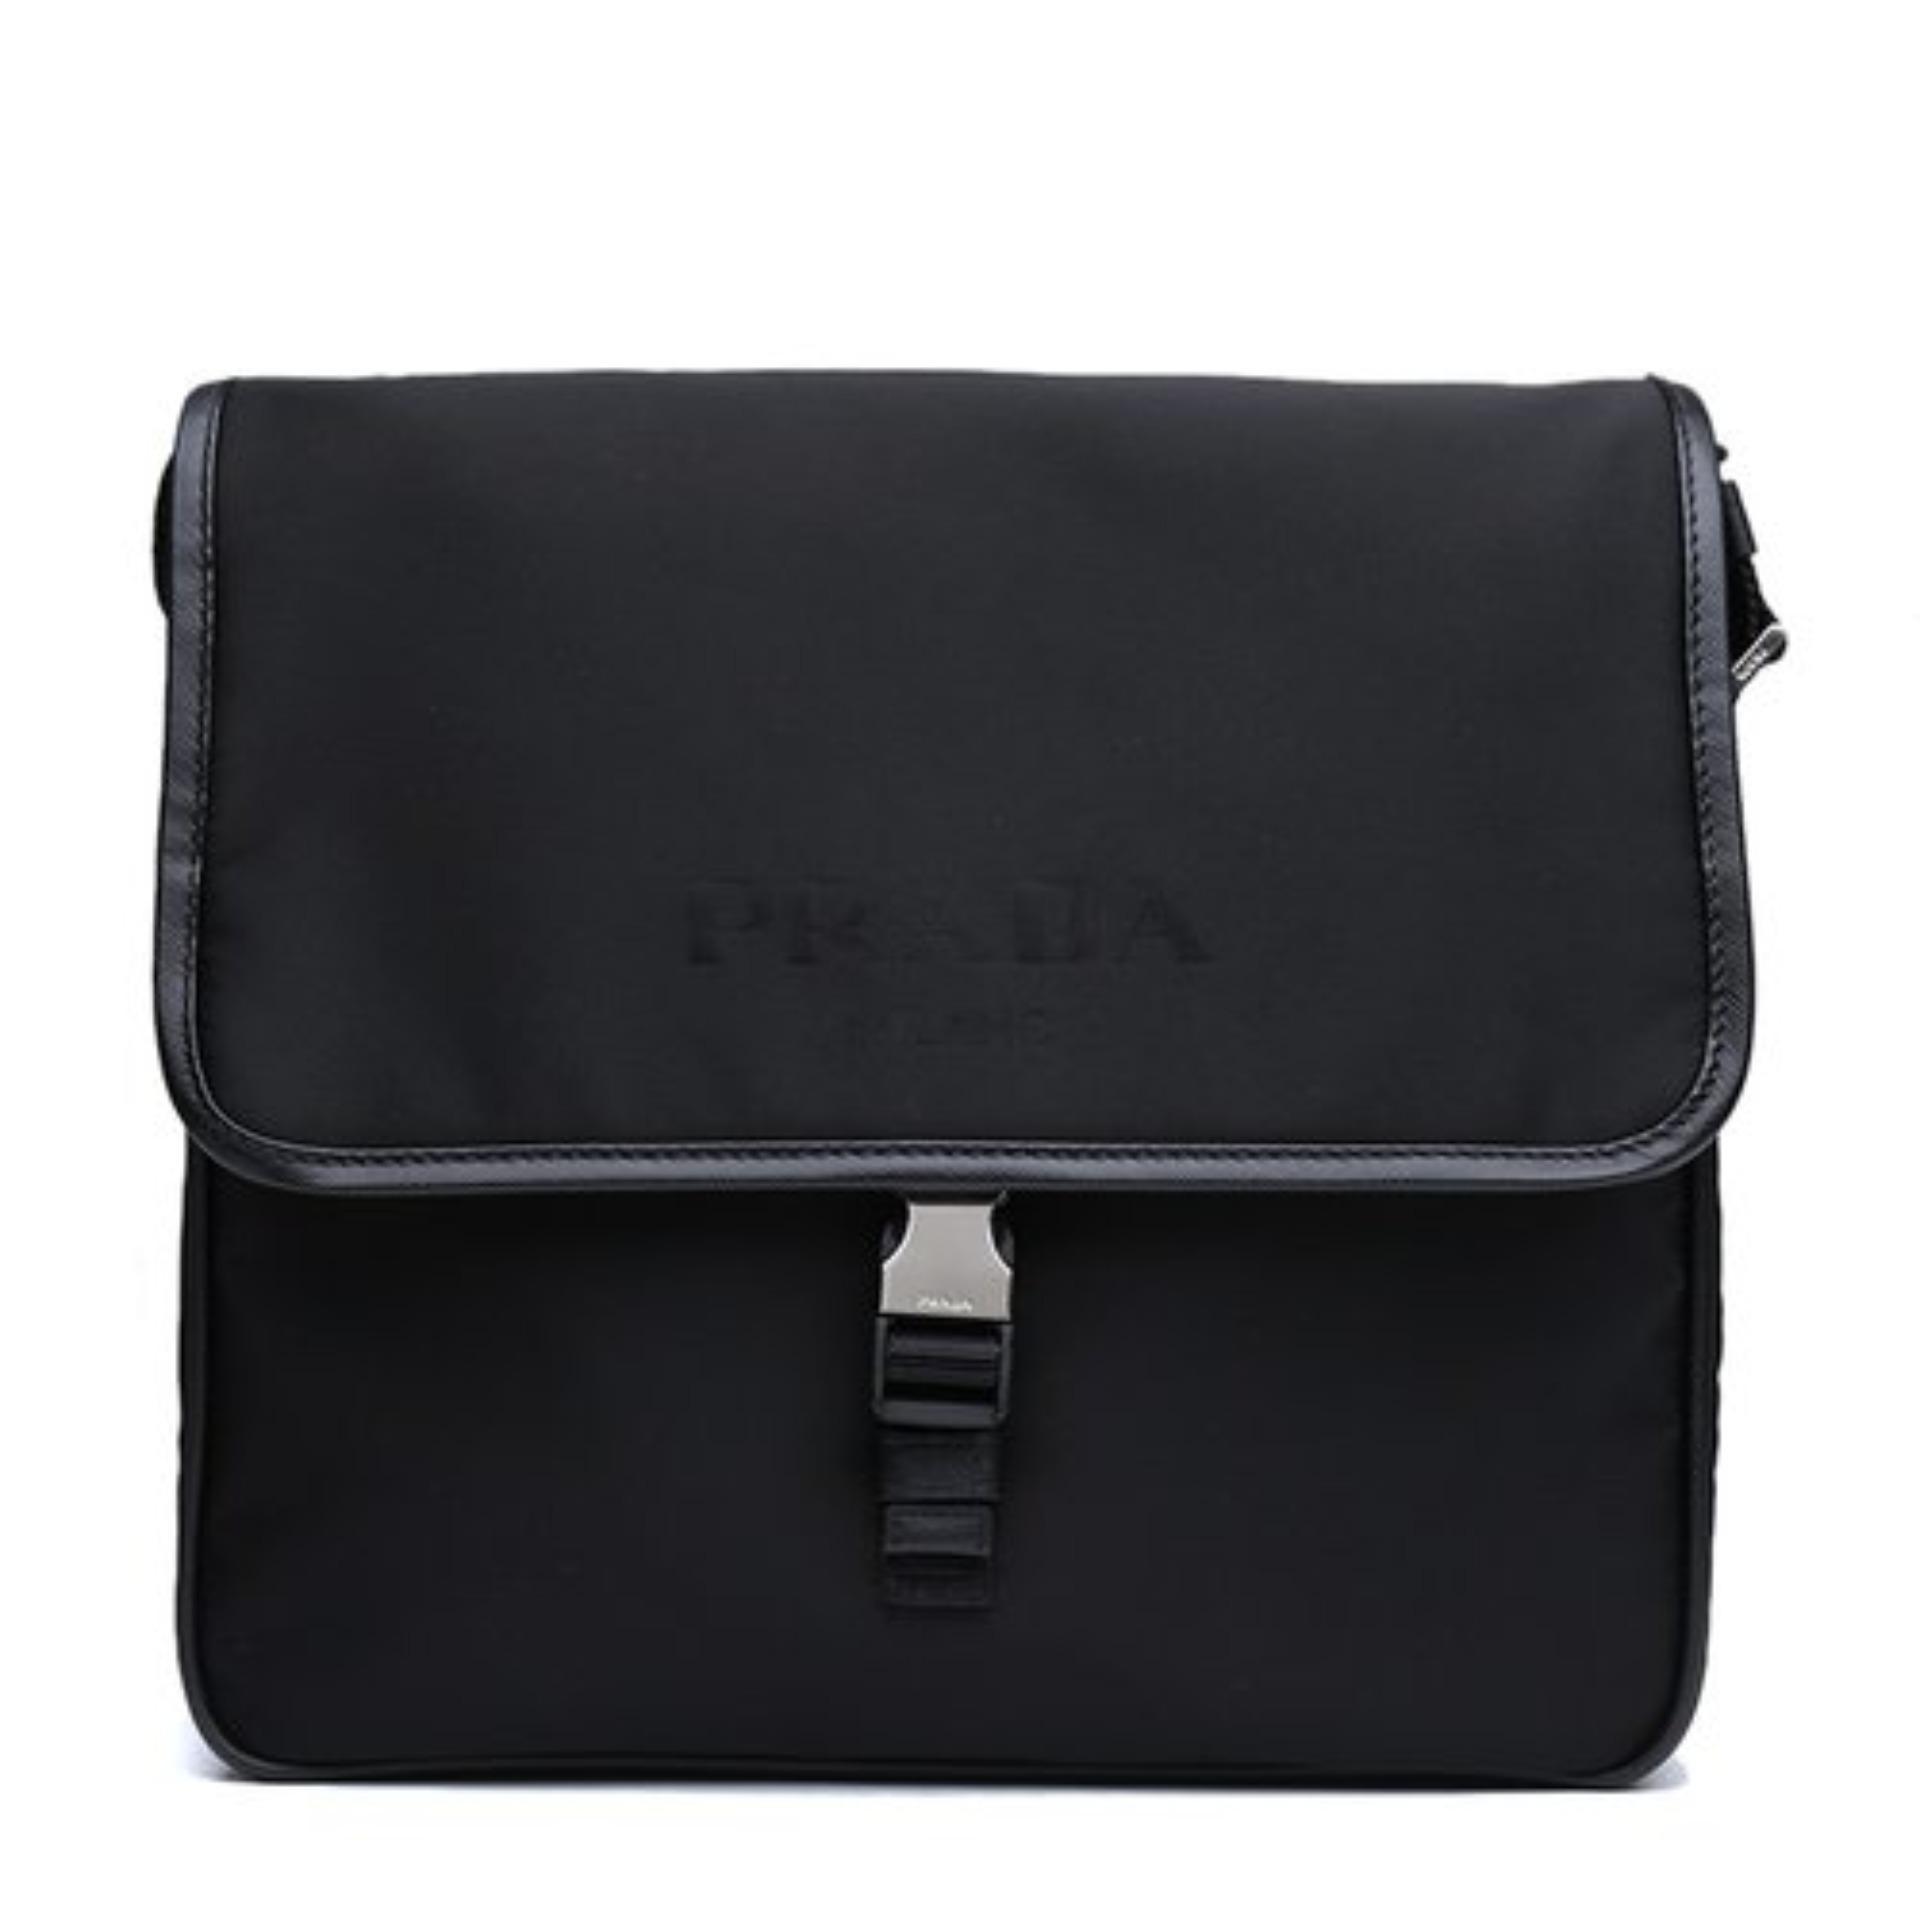 425f3a95b742 Prada Vela Messenger Bag (Nero) # 2V166064F0002